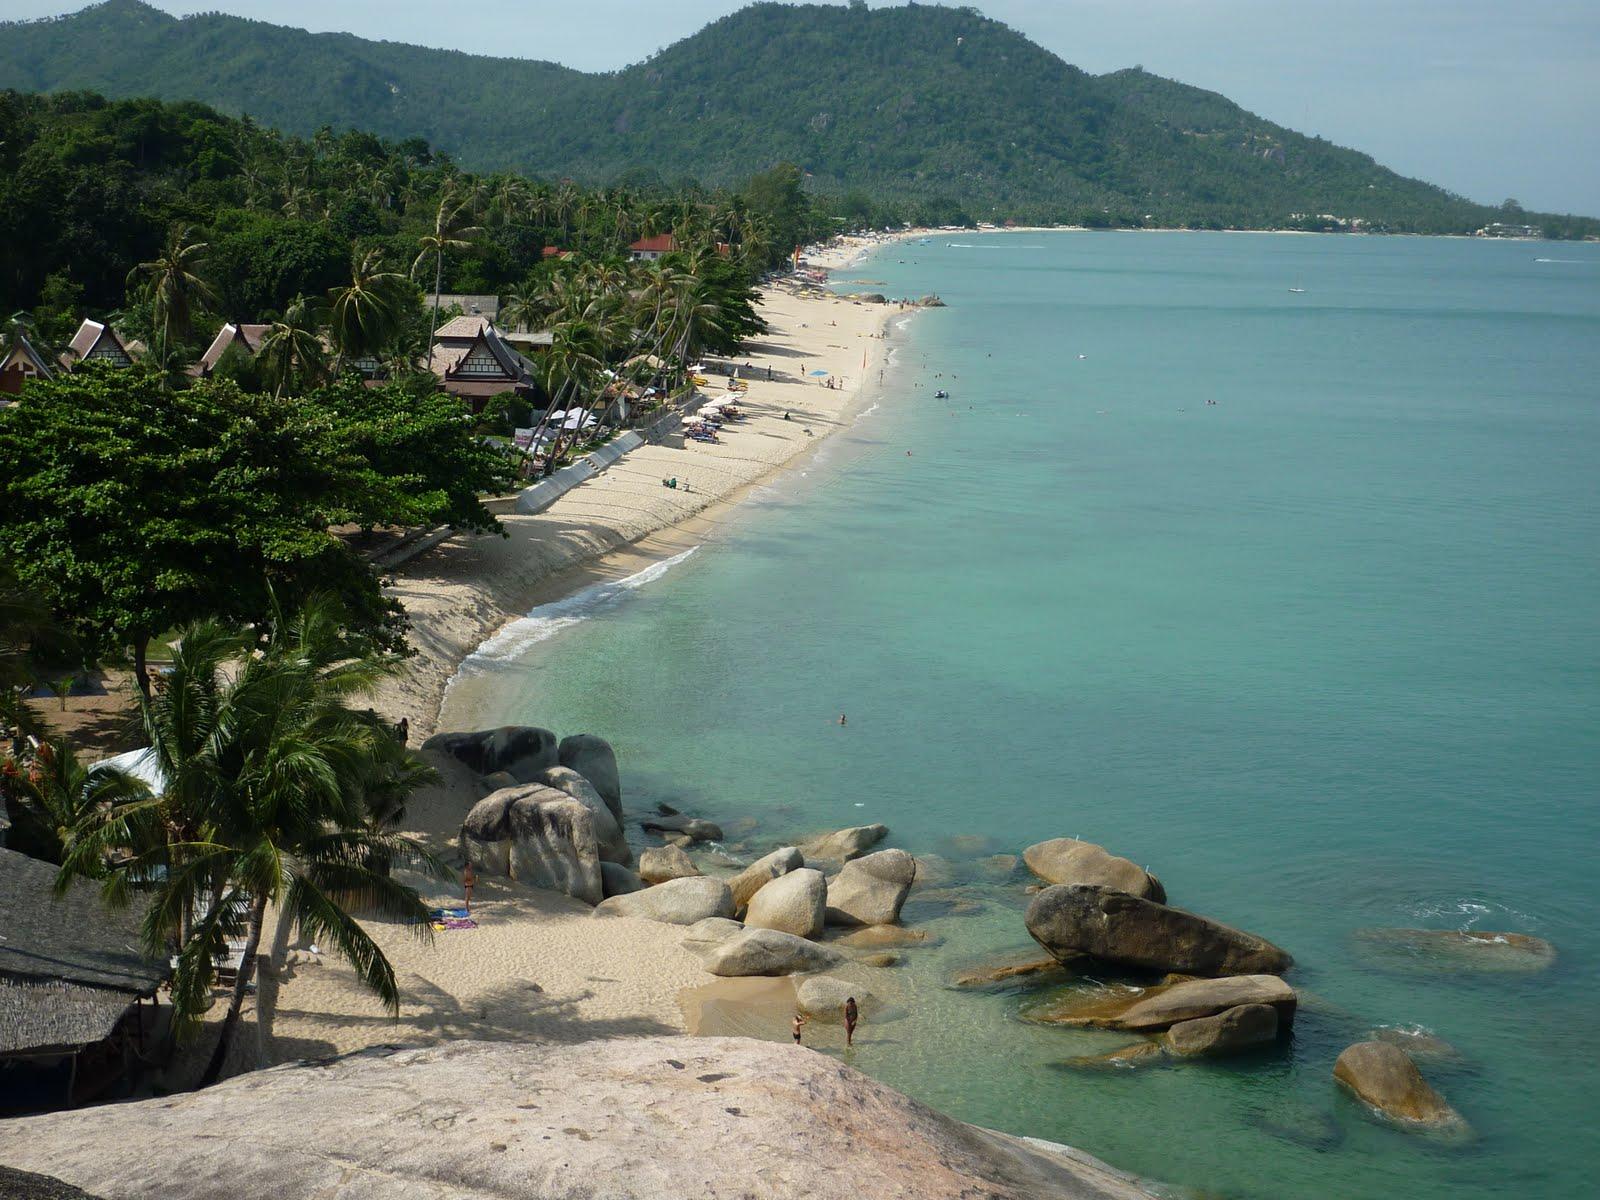 Lamai Beach - Best Beaches In Thailand